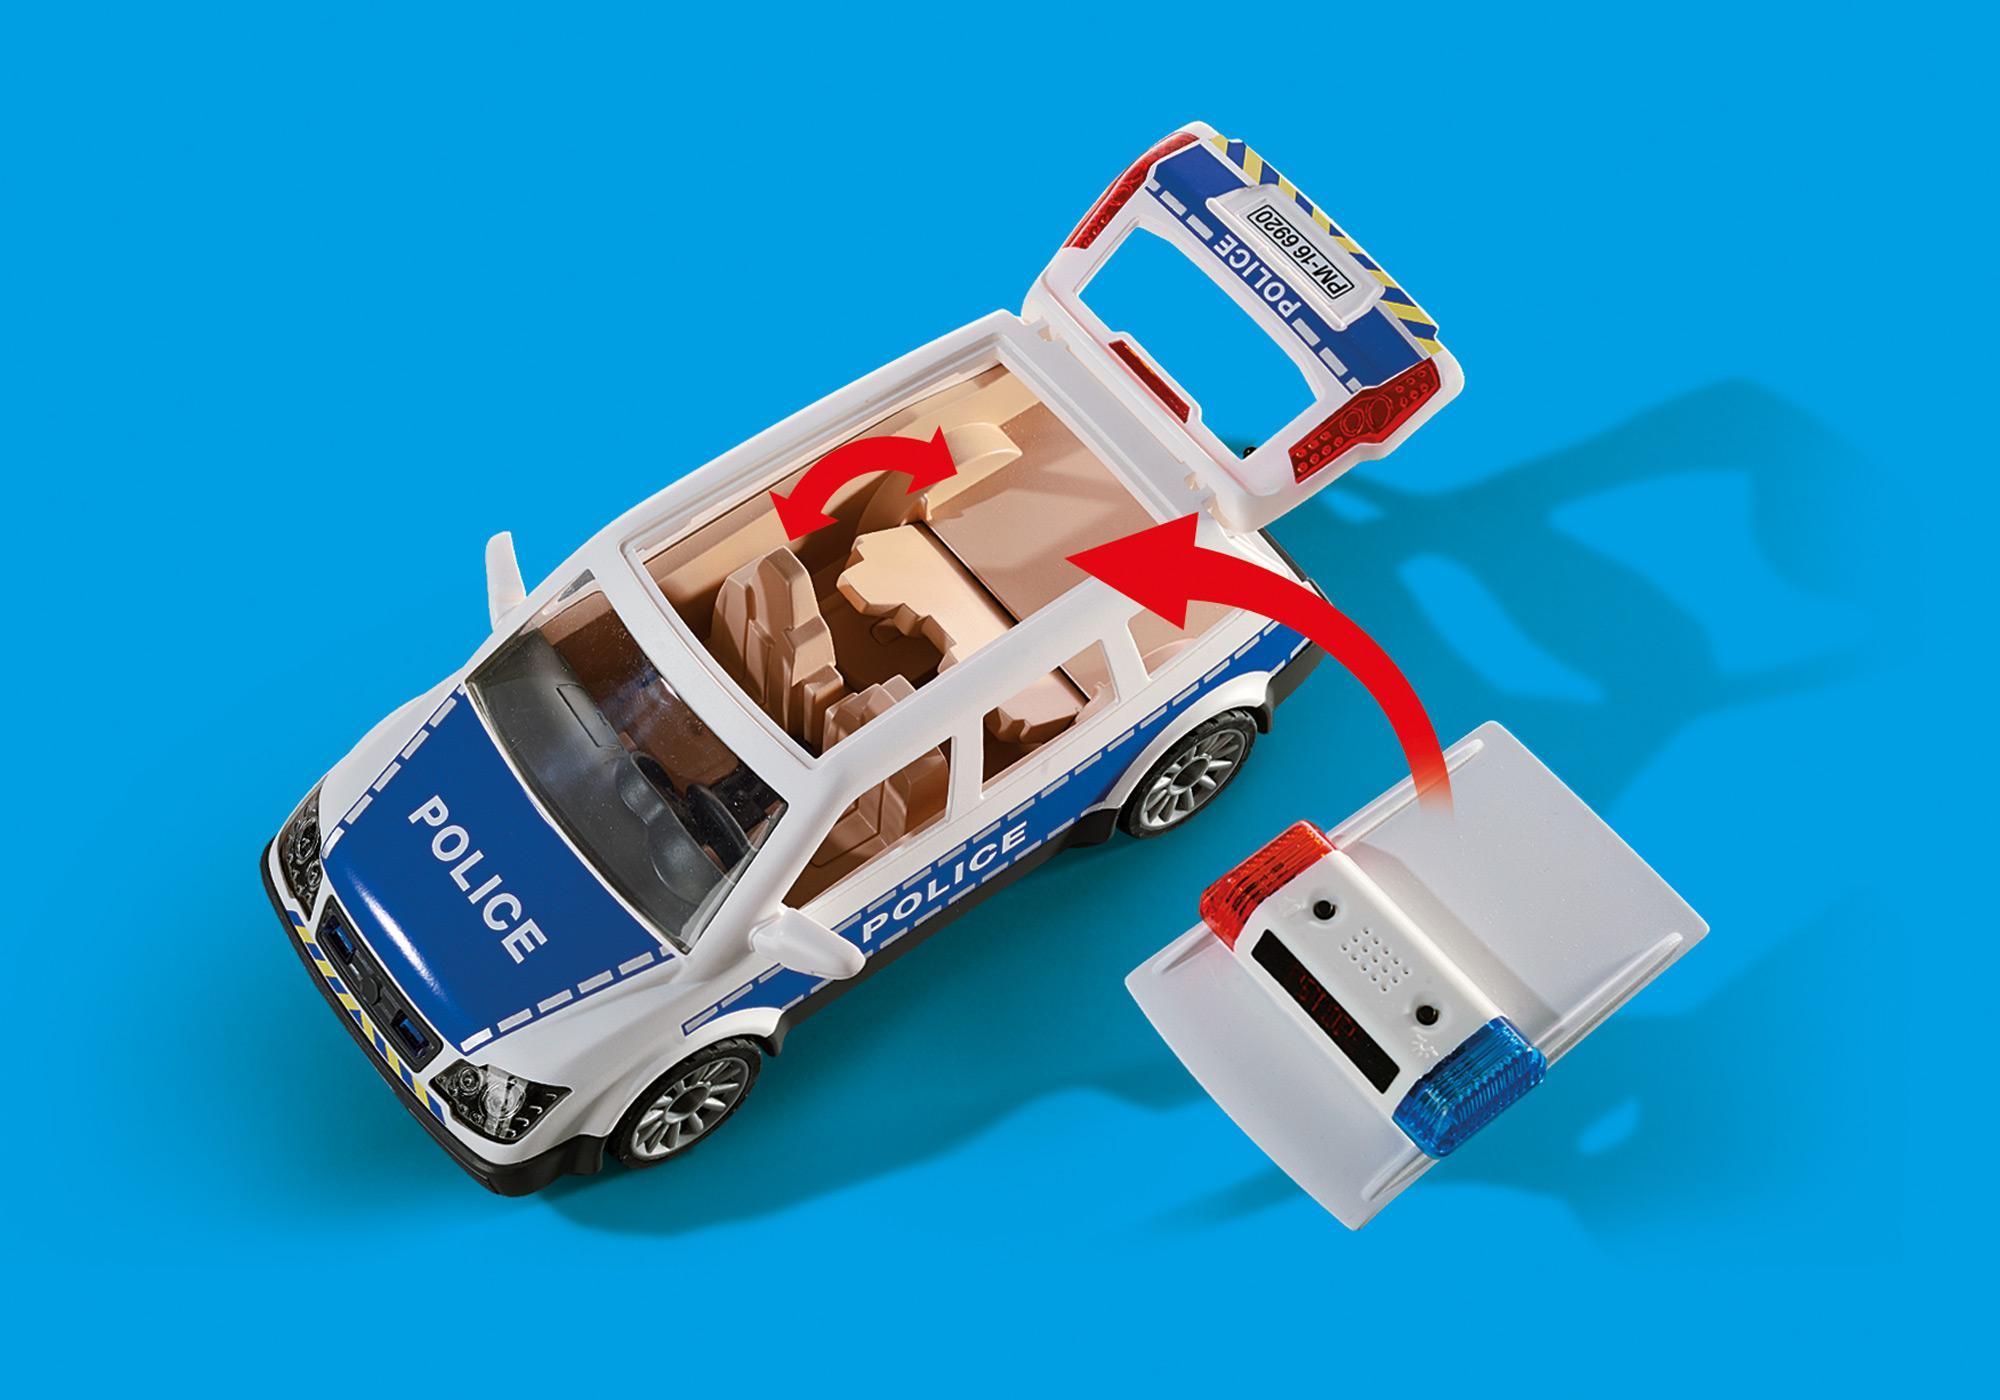 http://media.playmobil.com/i/playmobil/6920_product_extra1/Politiepatrouille met licht en geluid